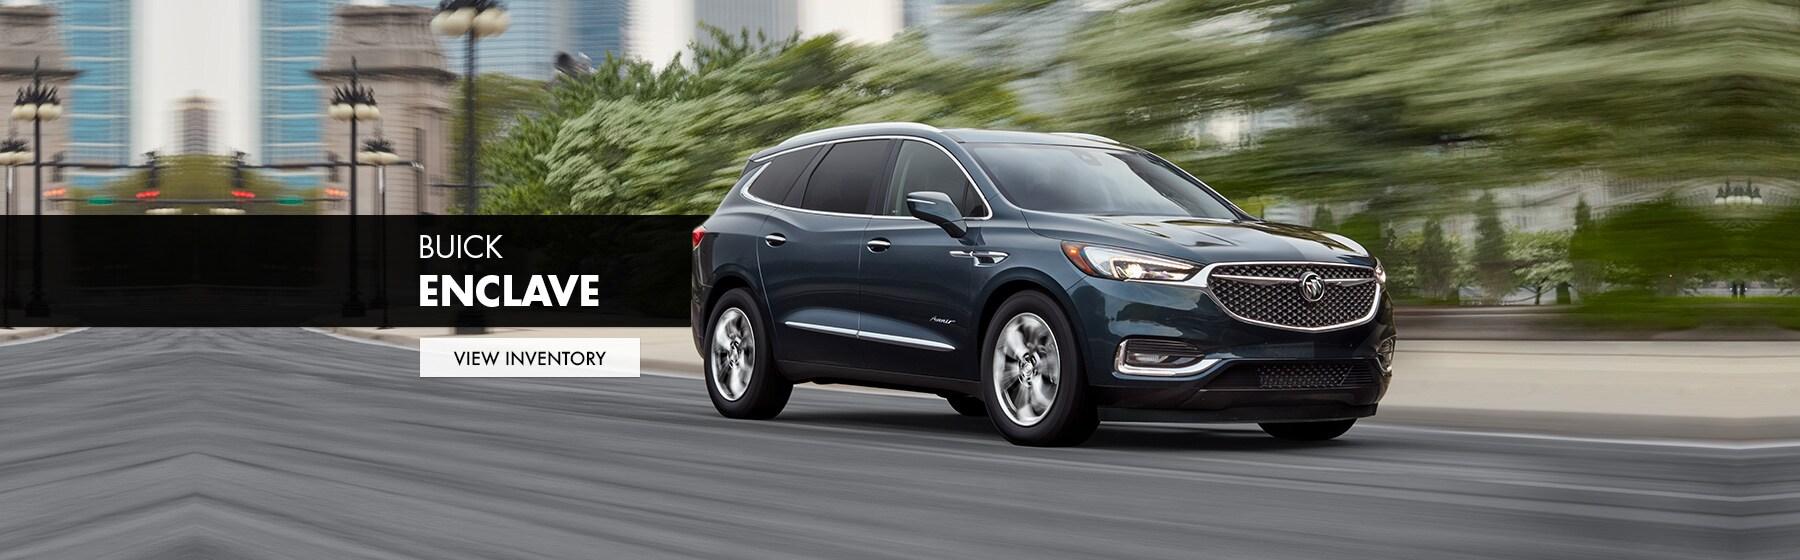 New & Used Vehicles Dealer Oklahoma City | Bob Moore Auto Group